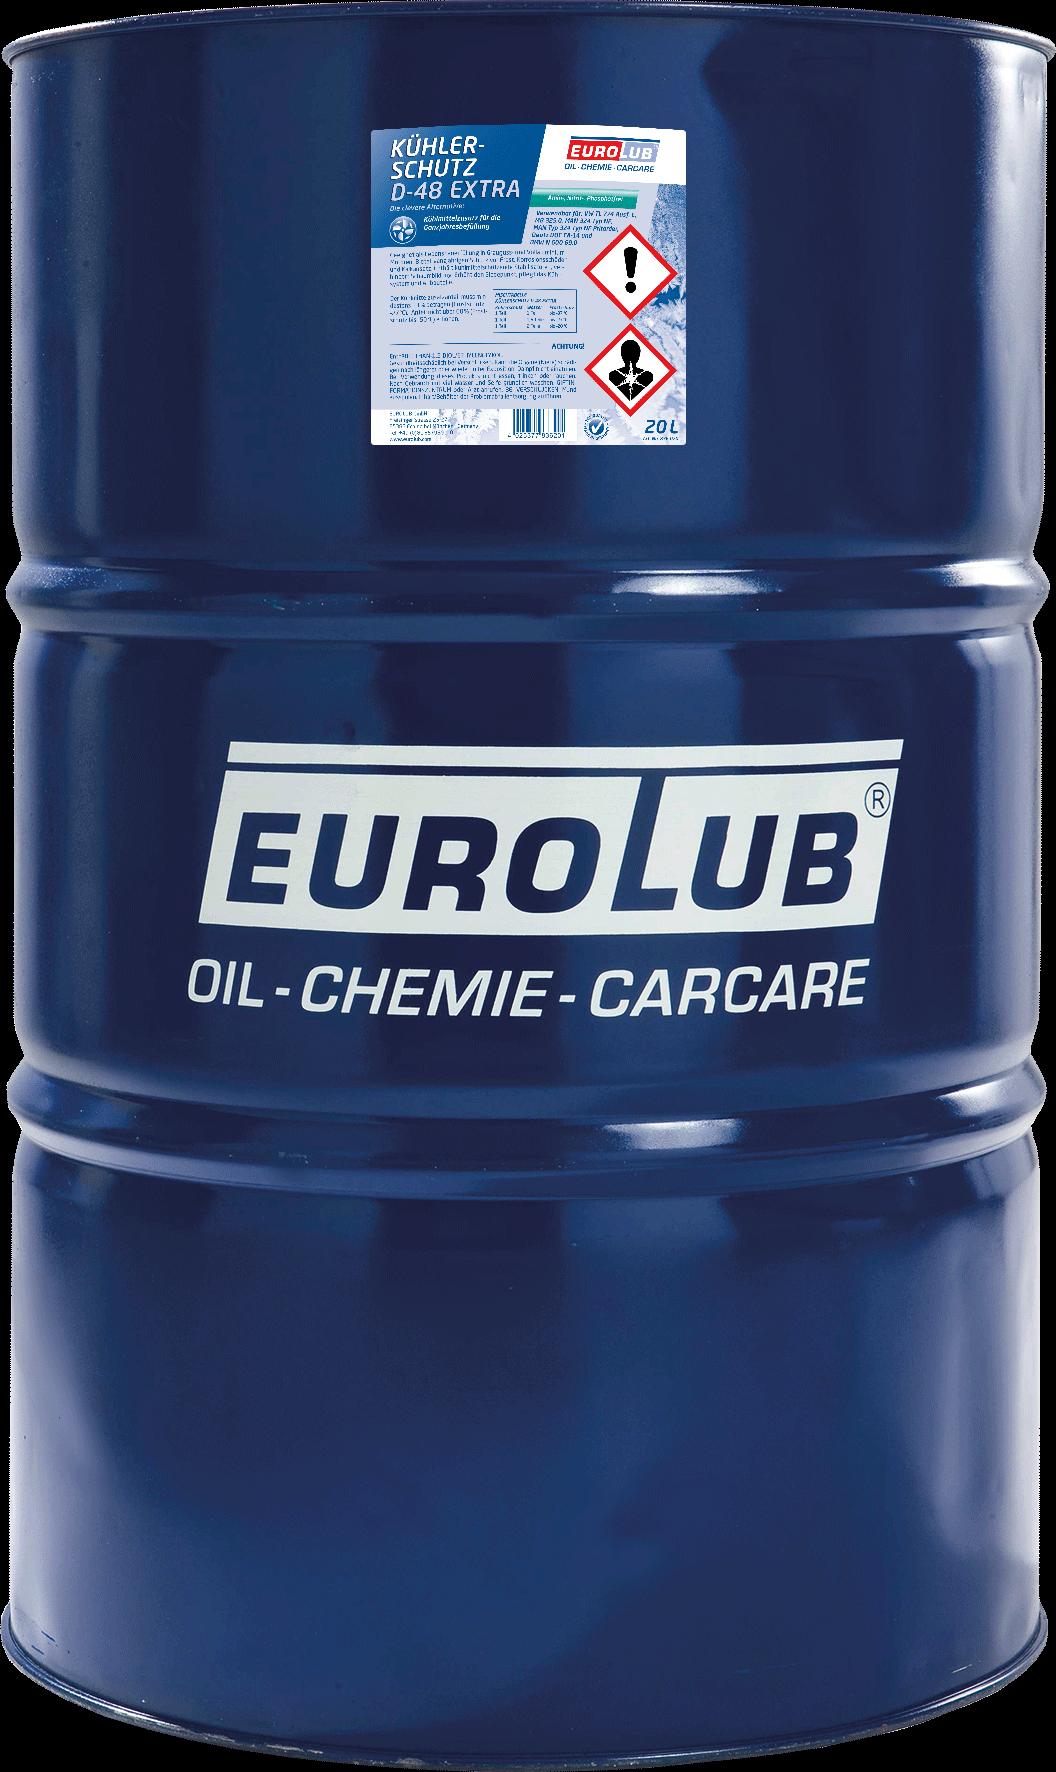 EUROLUB PROCAR Kuhlerschutz D48 Extra, 208л